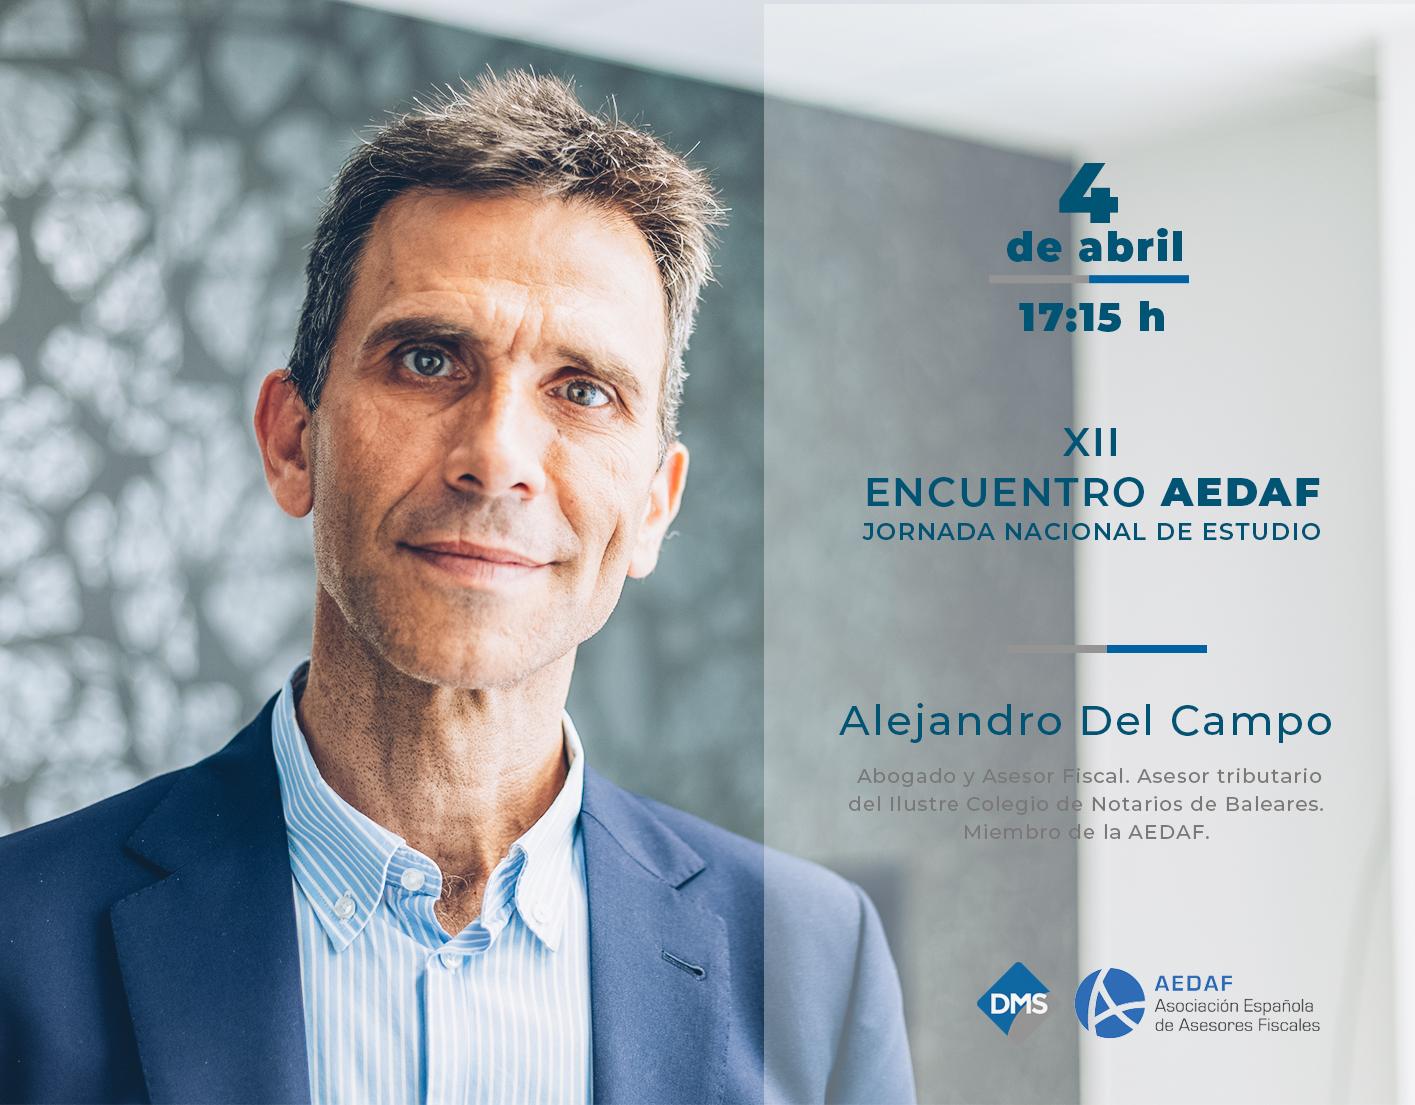 Alejandro Del Campo participa en el XII Encuentro AEDAF